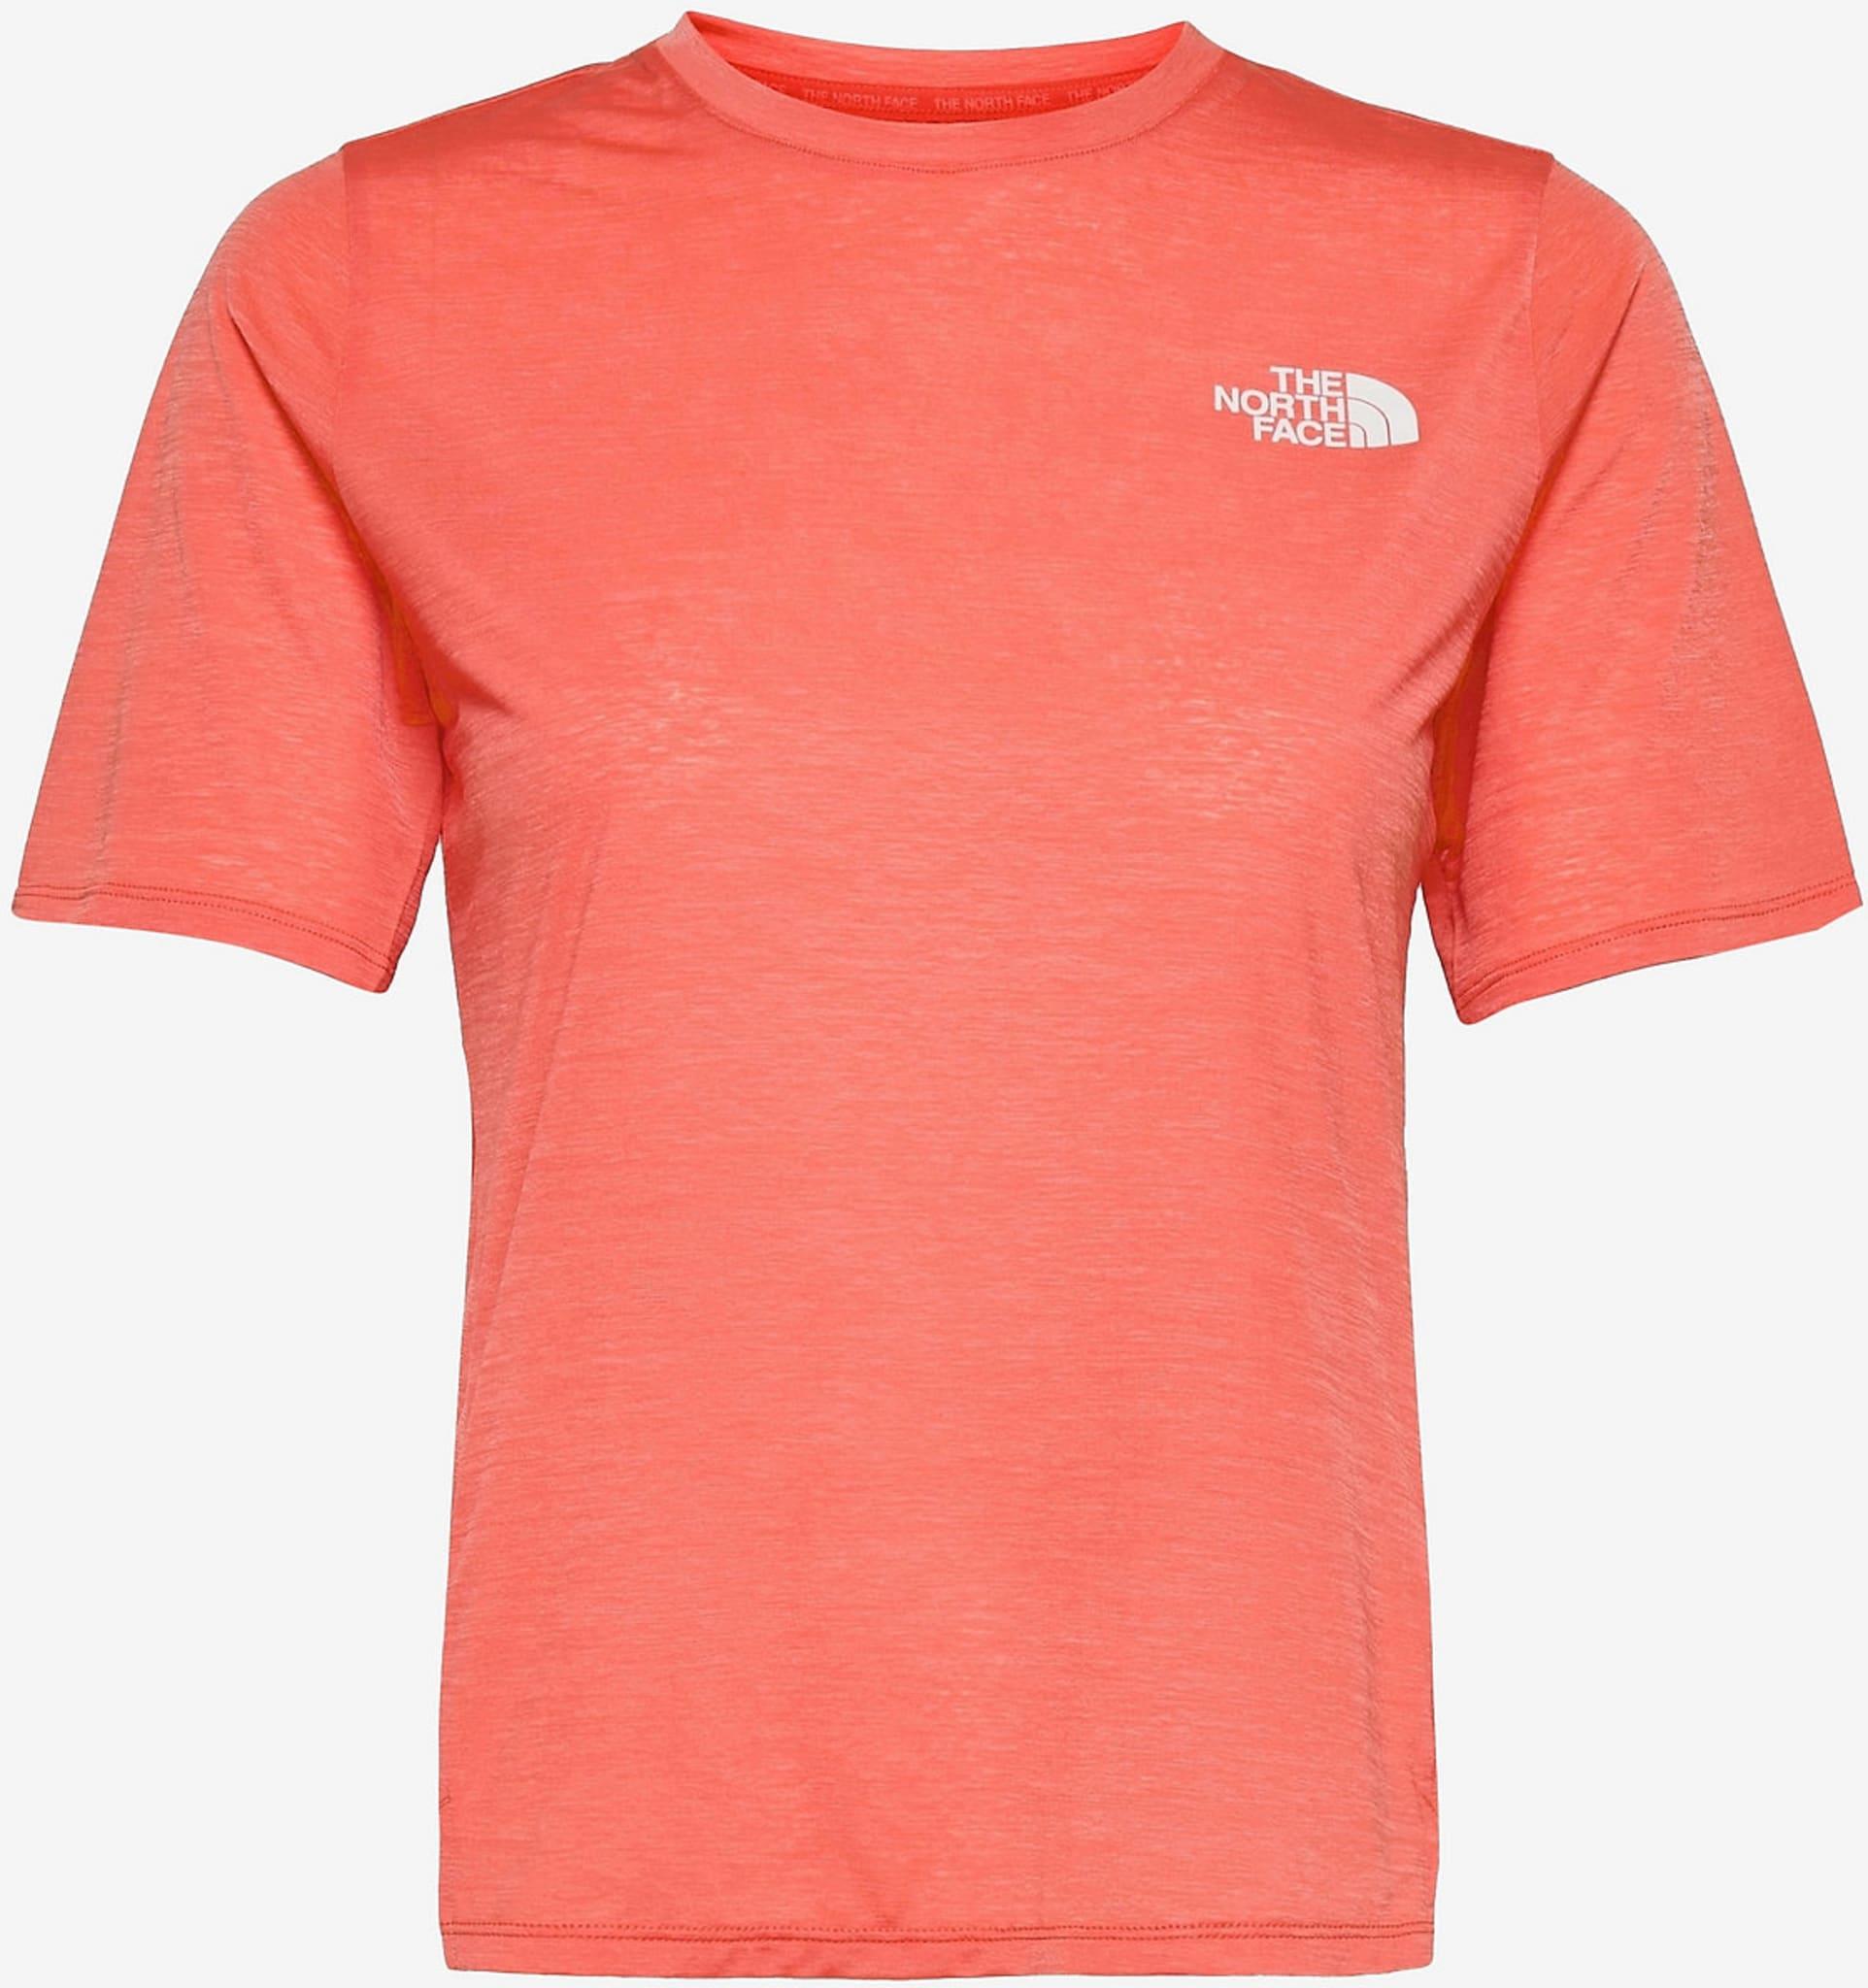 Up With The Sun T-skjorten er en myk T-skjorte som har et fuktighetstransporterende materiale, og likevel kjennes ut som en bomulls-T-skjorte.